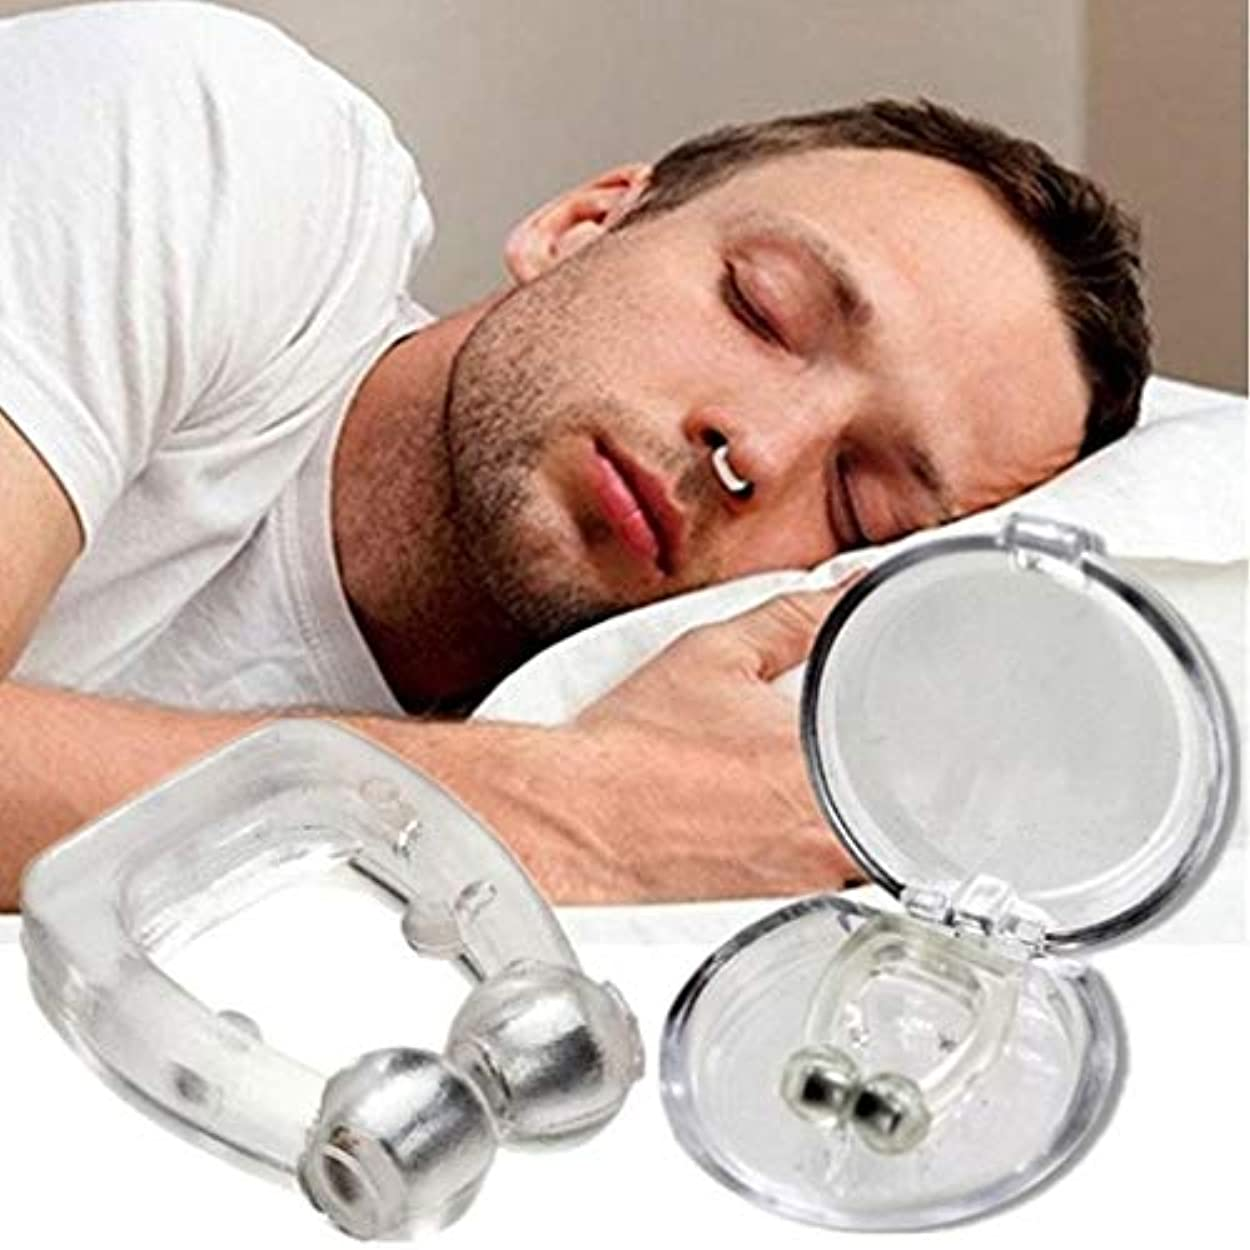 アンチいびきノーズクリップ-キャリーケース付き寝具